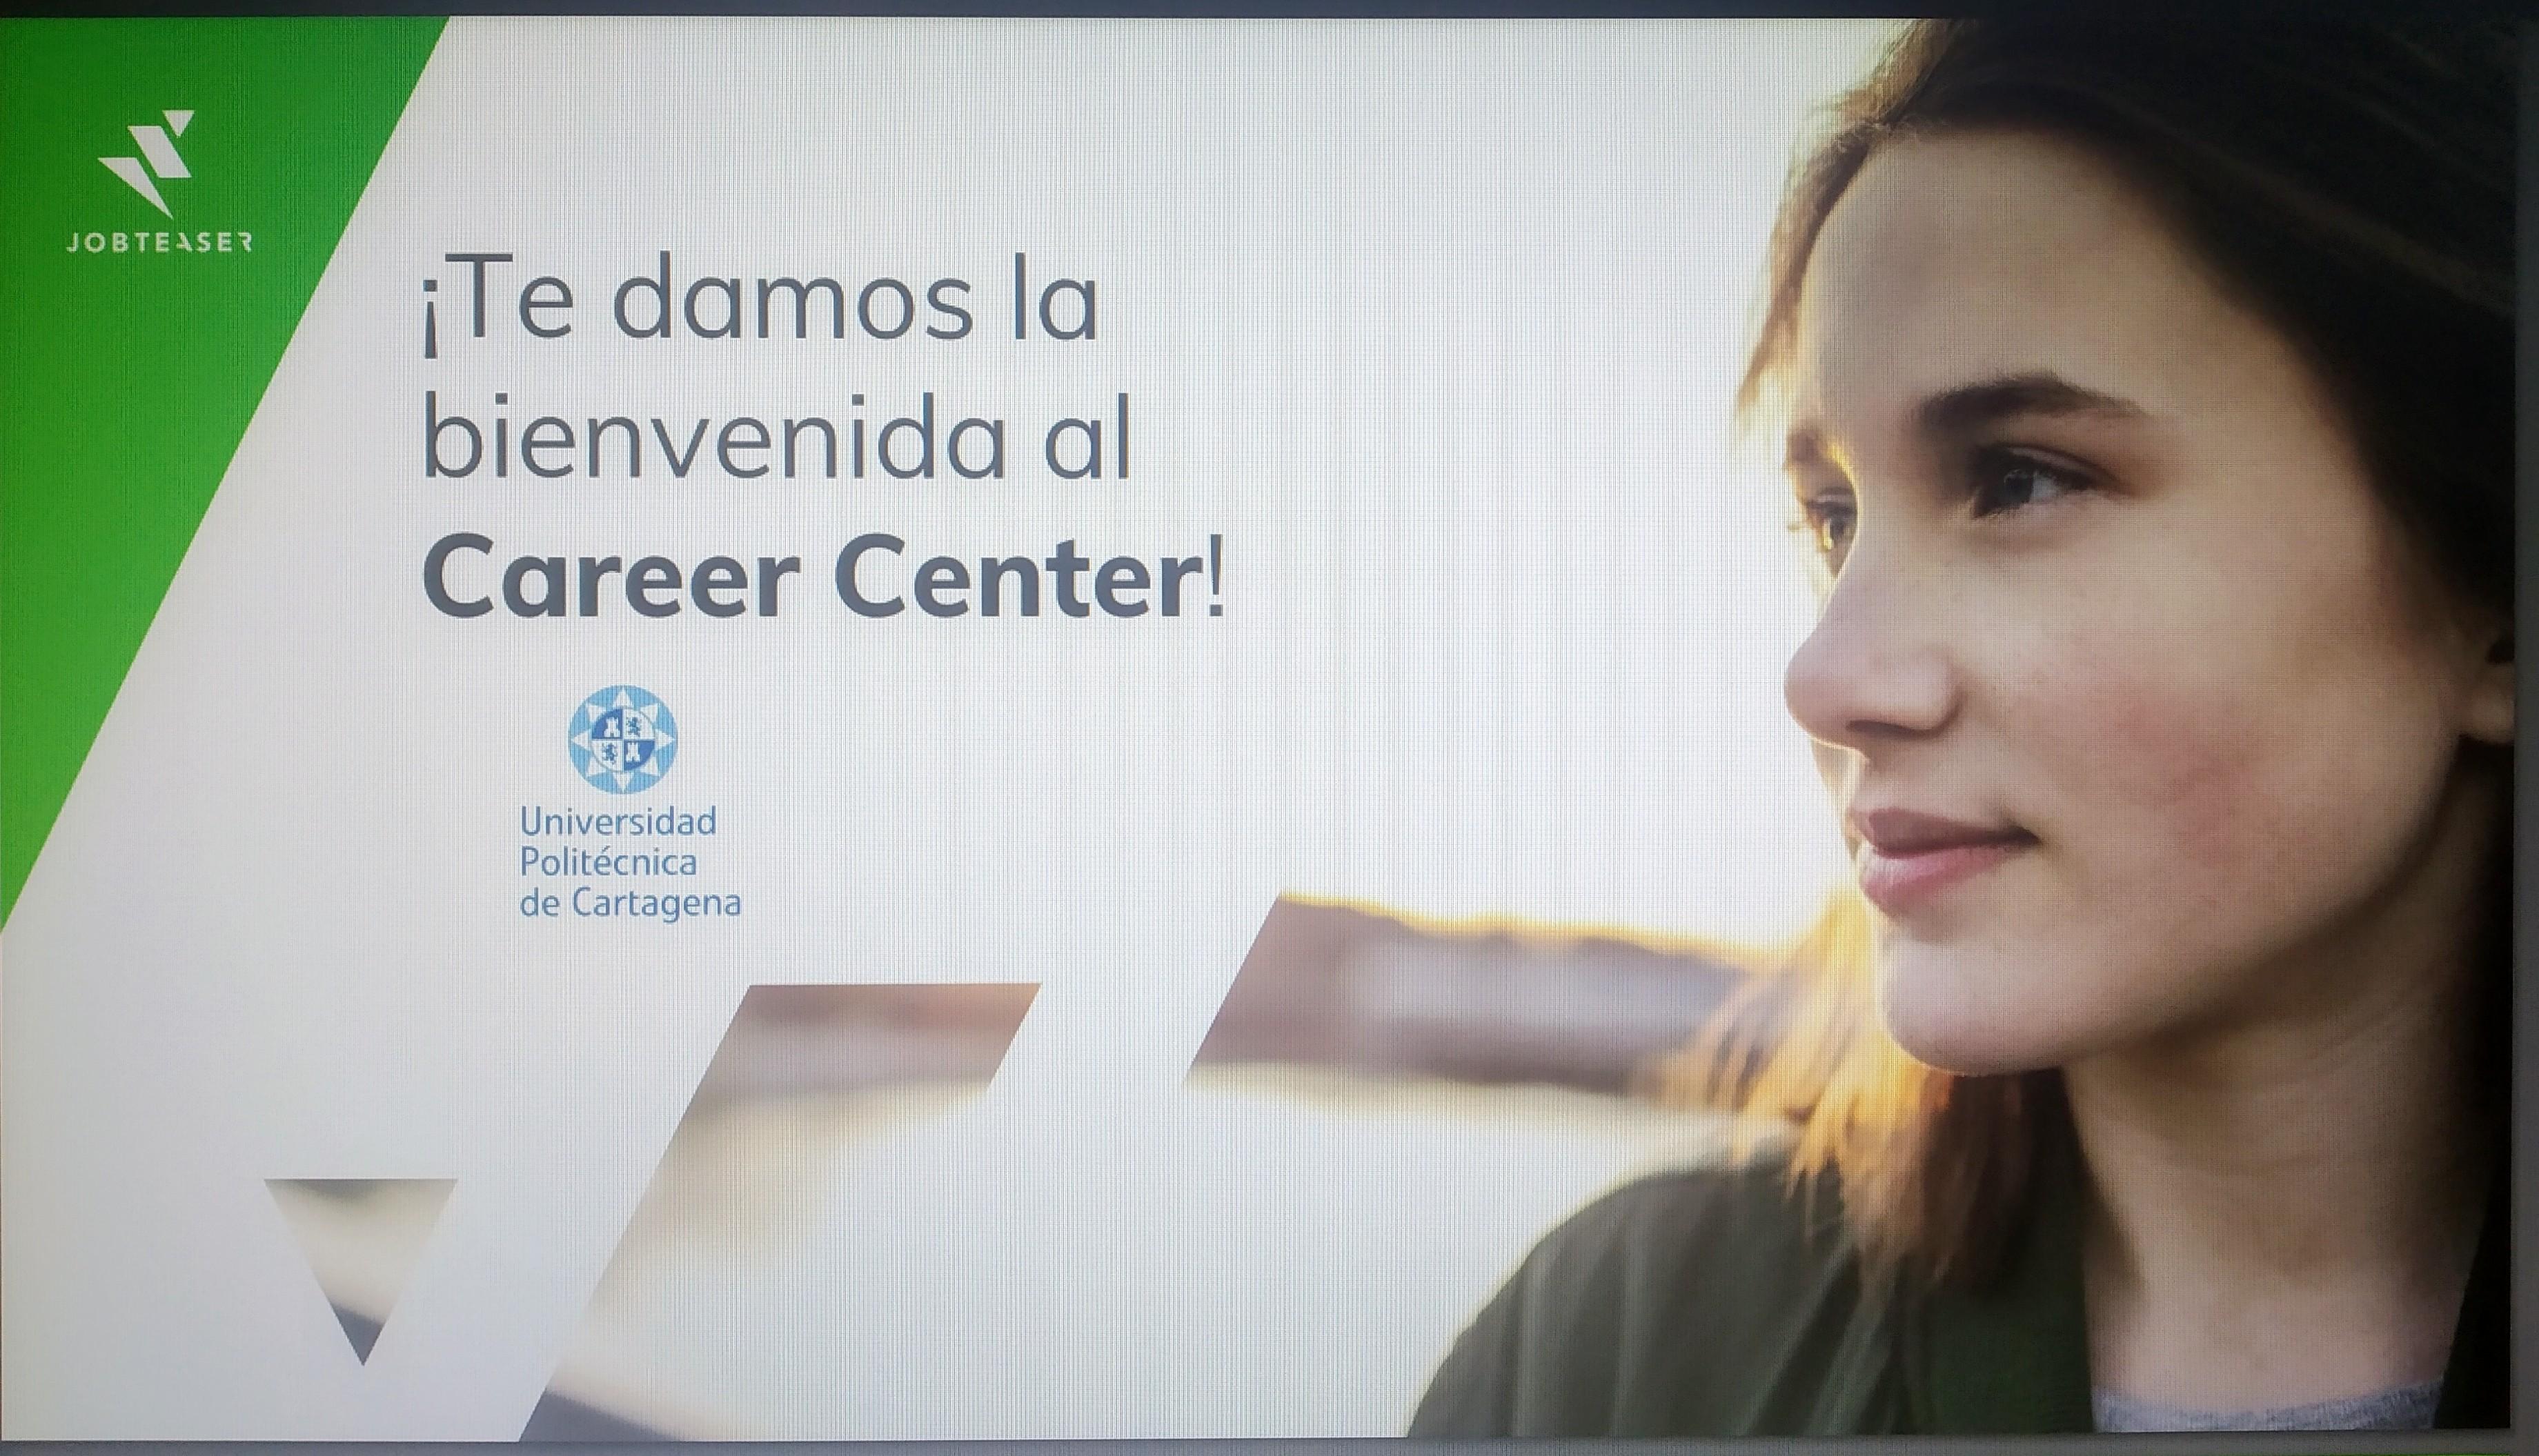 Career Center de Jobteaser